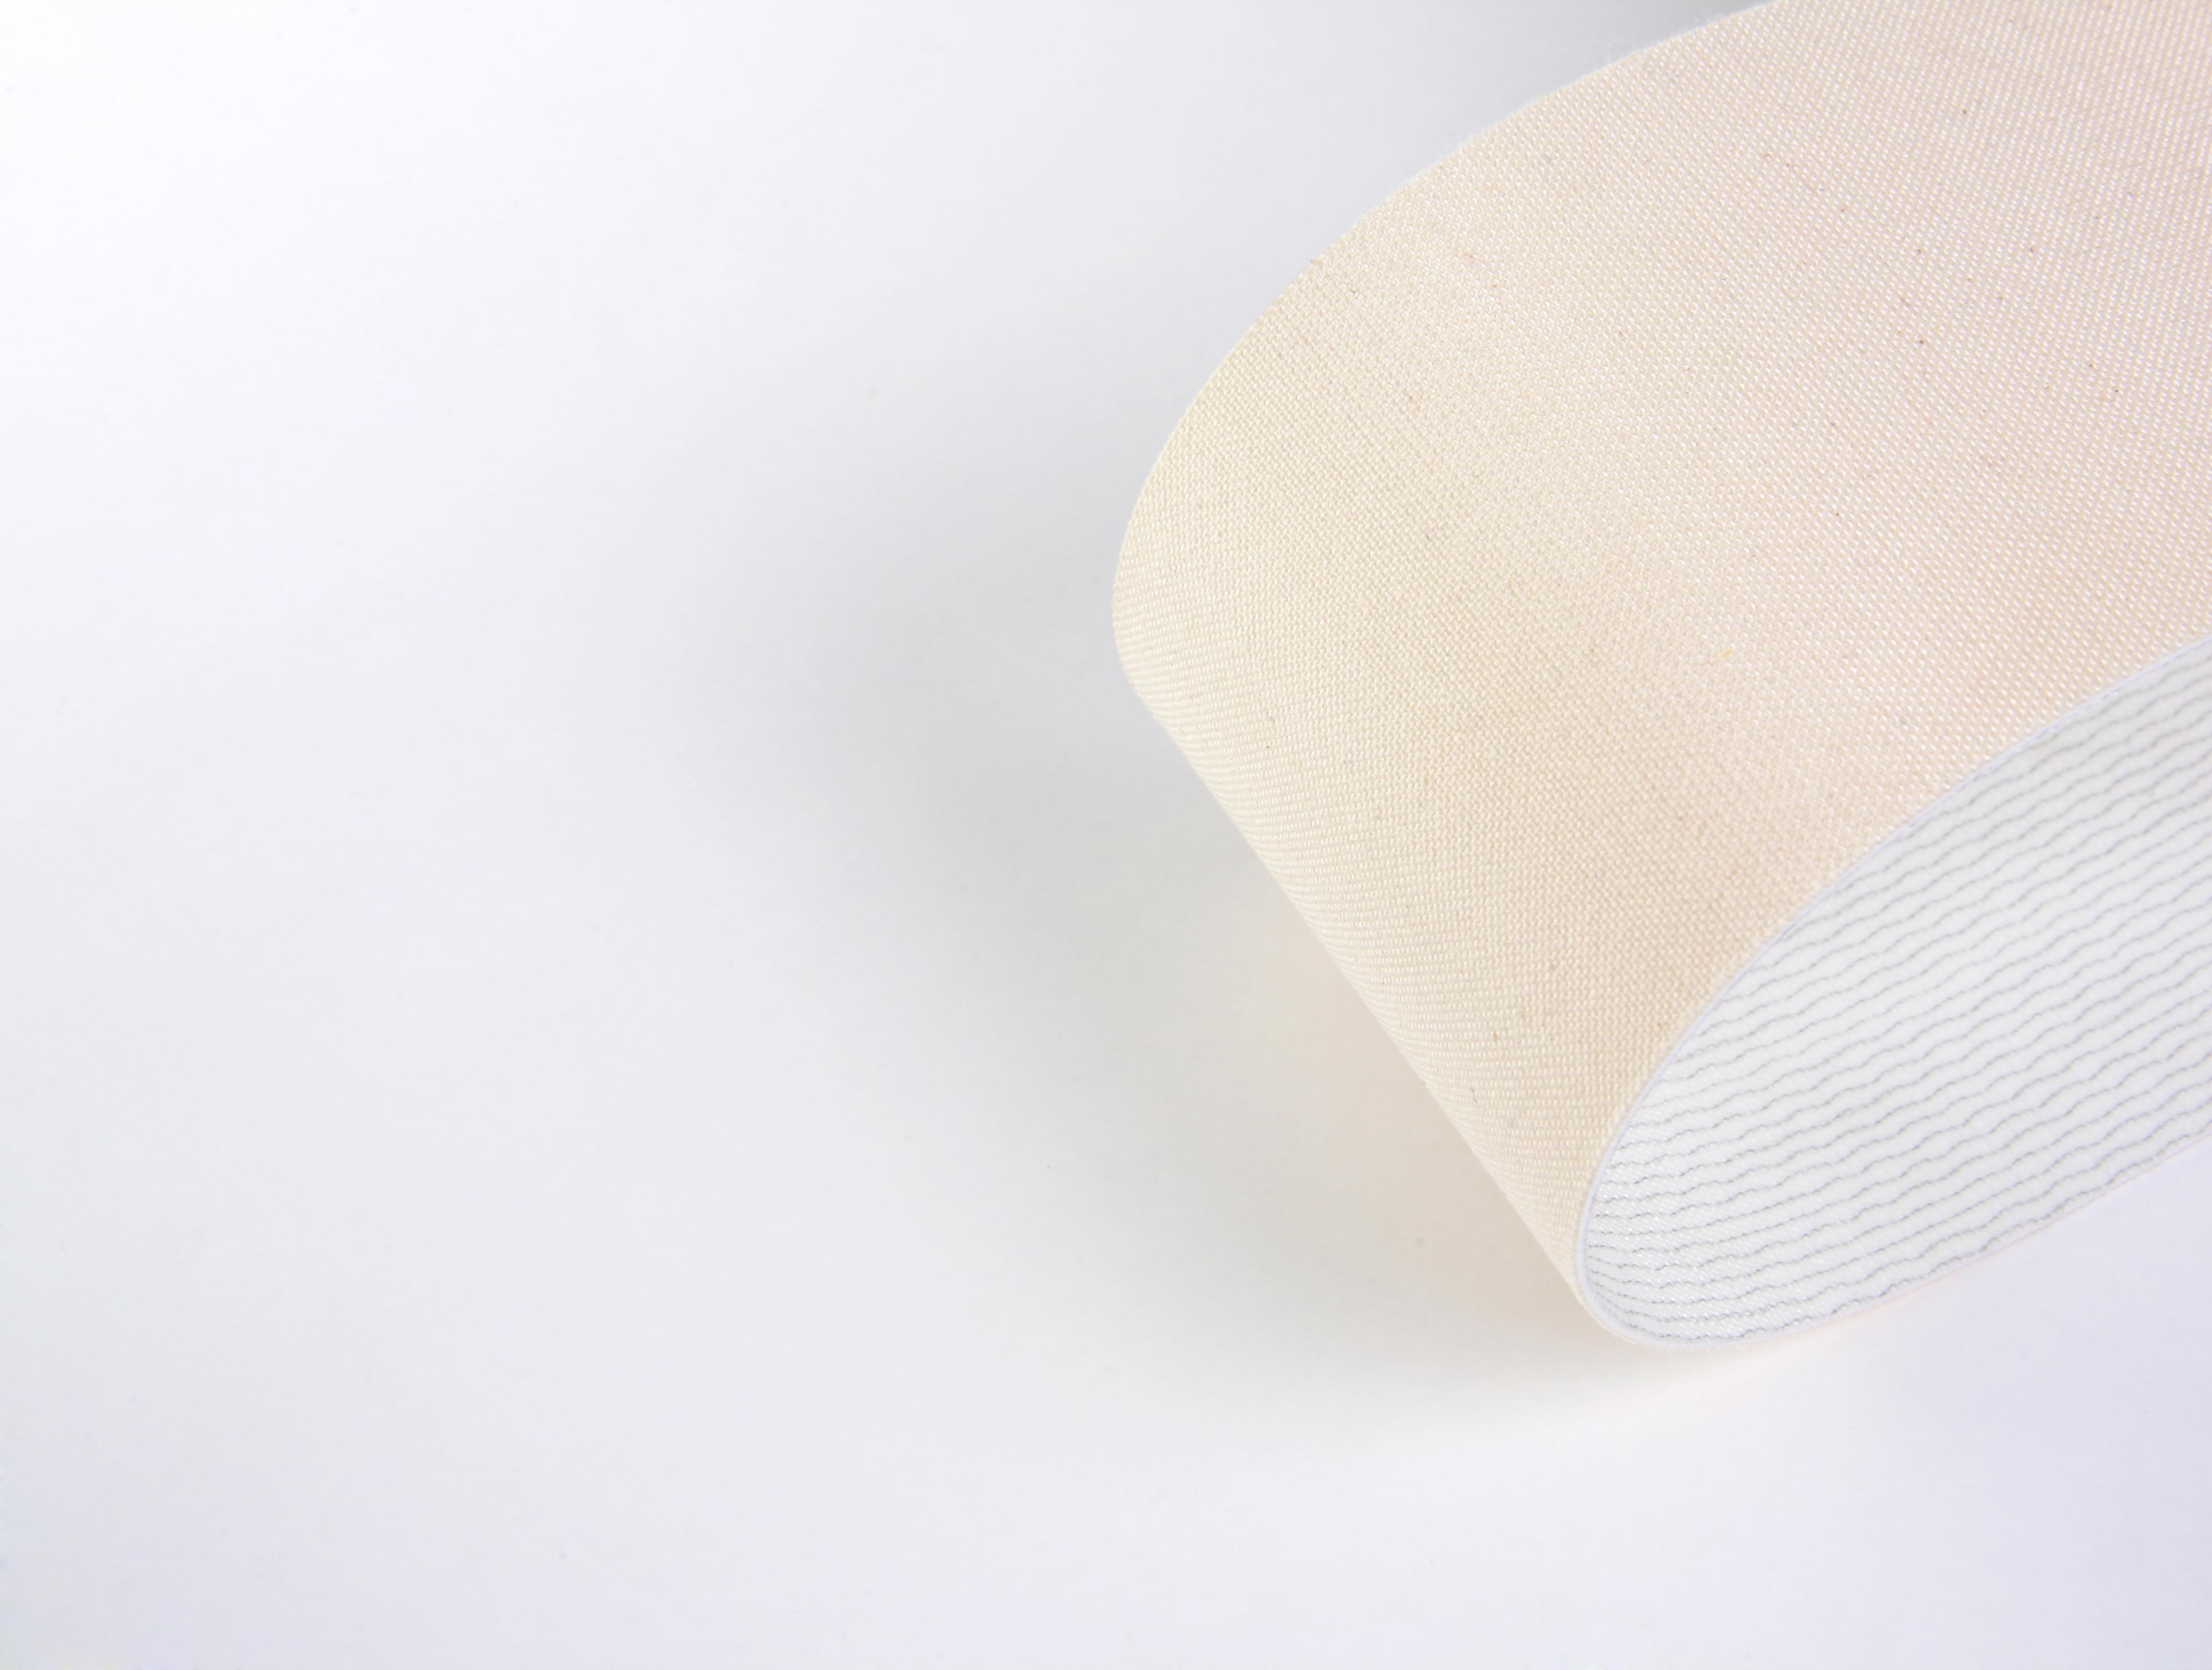 correia PVC duas lonas com tecido superior em algodão